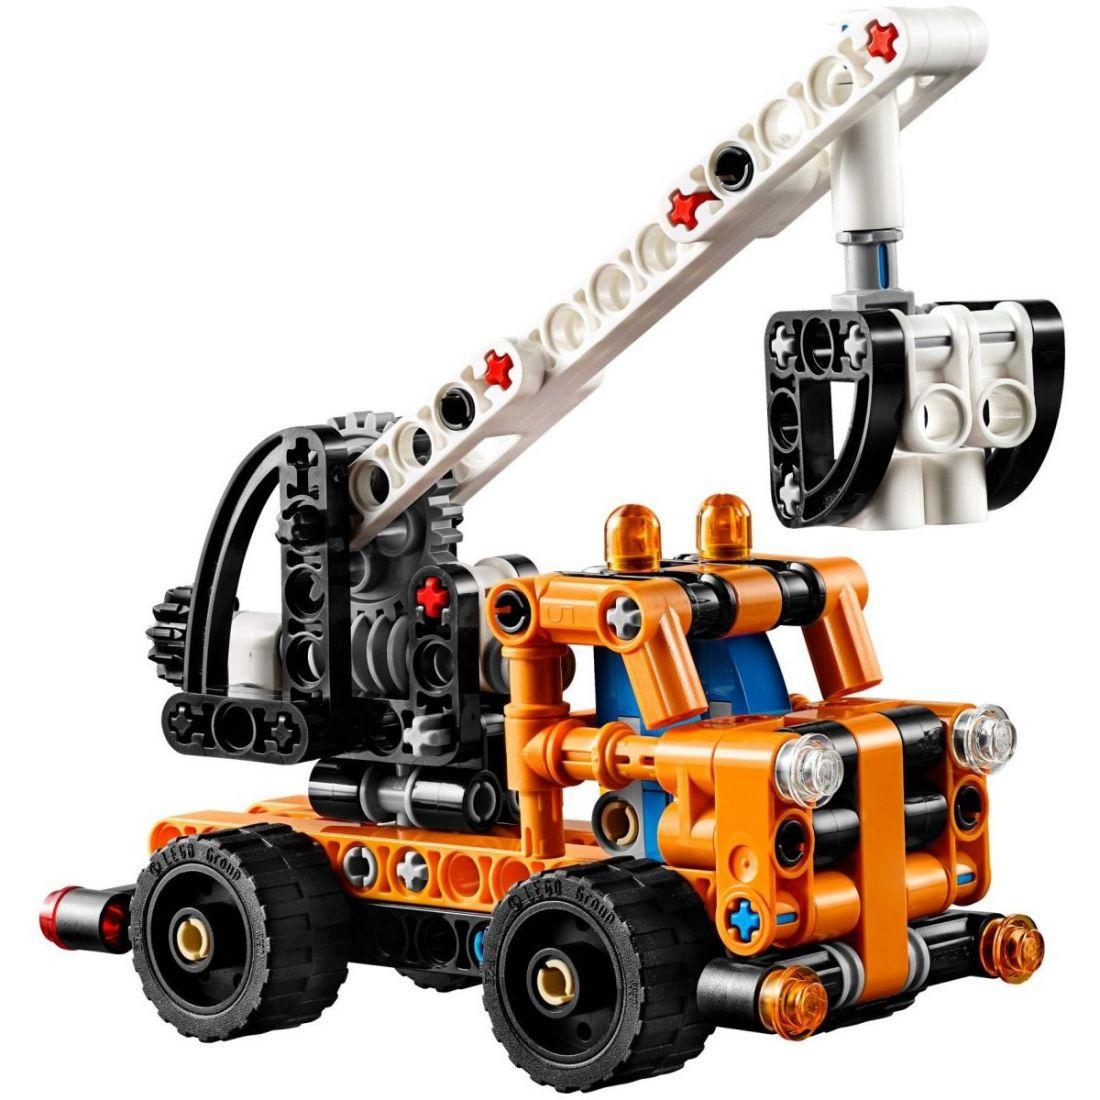 Конструктор Technology ремонтный автокран, 178+ деталей